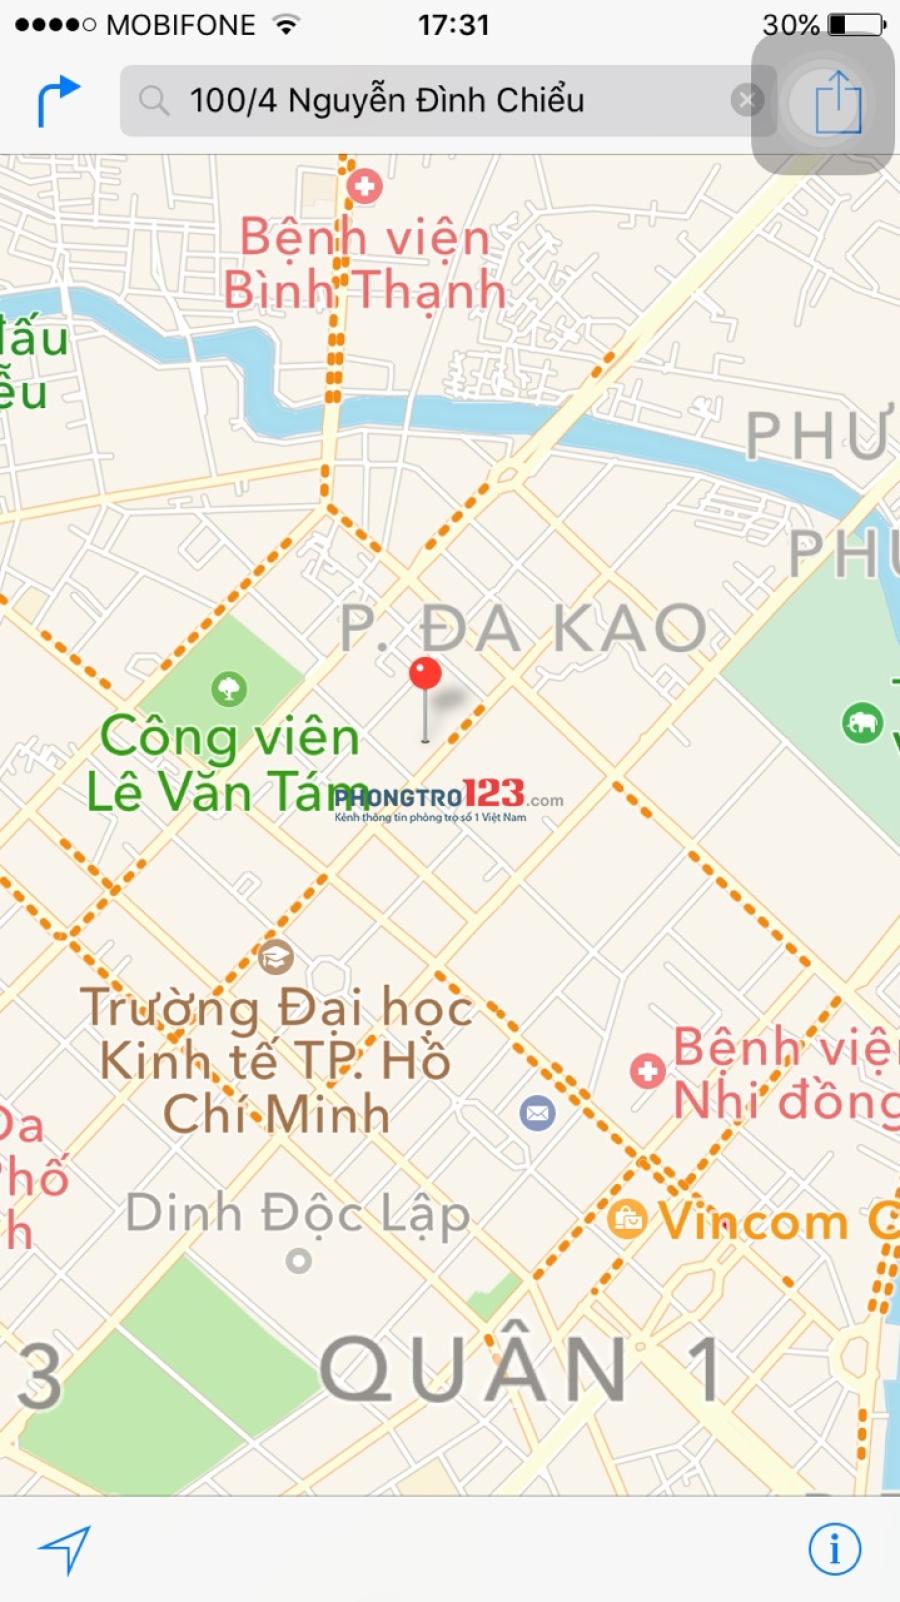 Văn phòng cho thuê rẻ xinh ngay trung tâm Quận 1, đường Nguyễn Đình Chiểu, DT 30m2, Giá 7tr